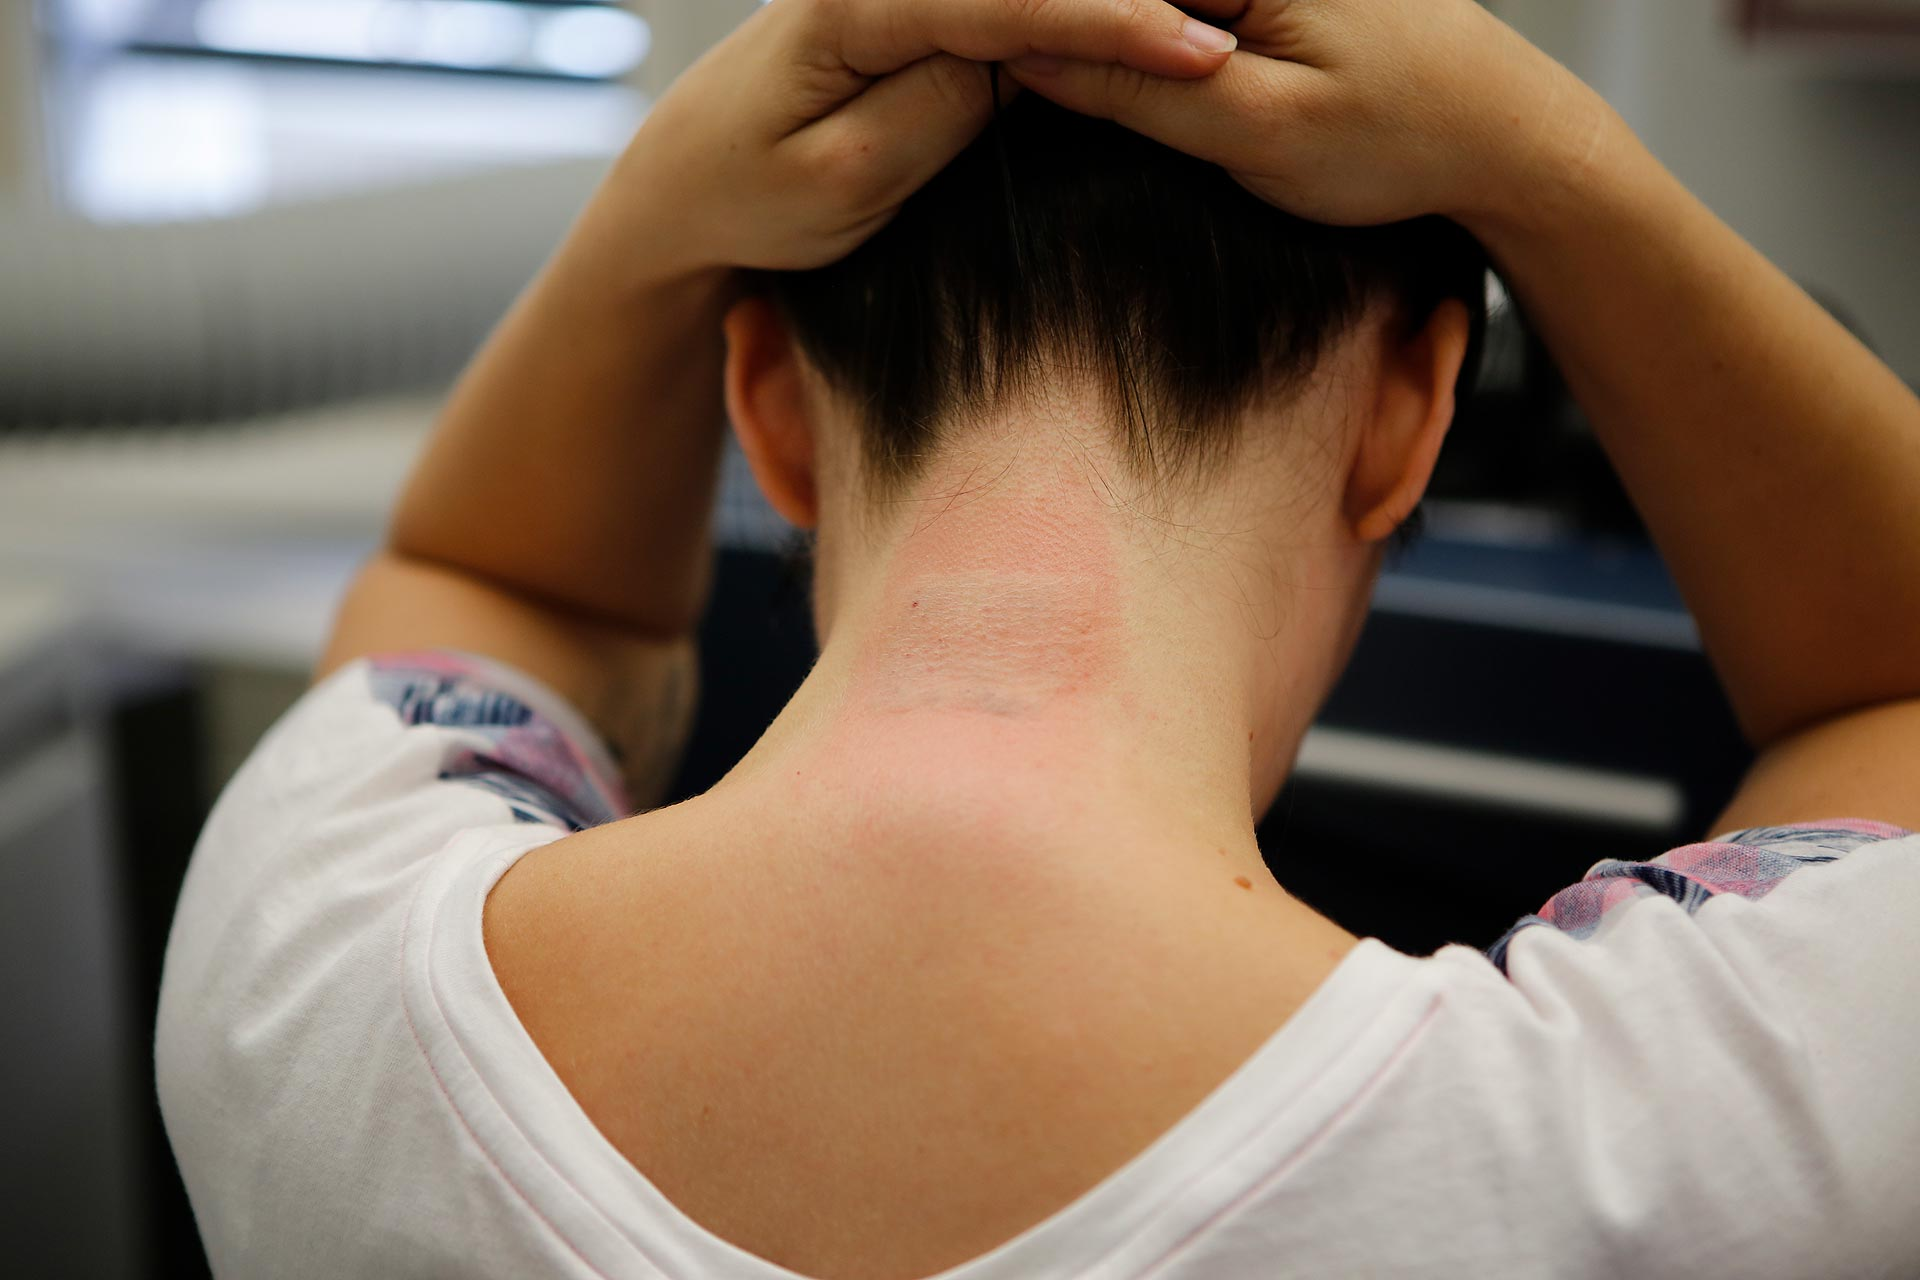 Wenn der Laser auf die Haut trifft, entsteht eine Art Miniexplosion, erklärt der Hautarzt.